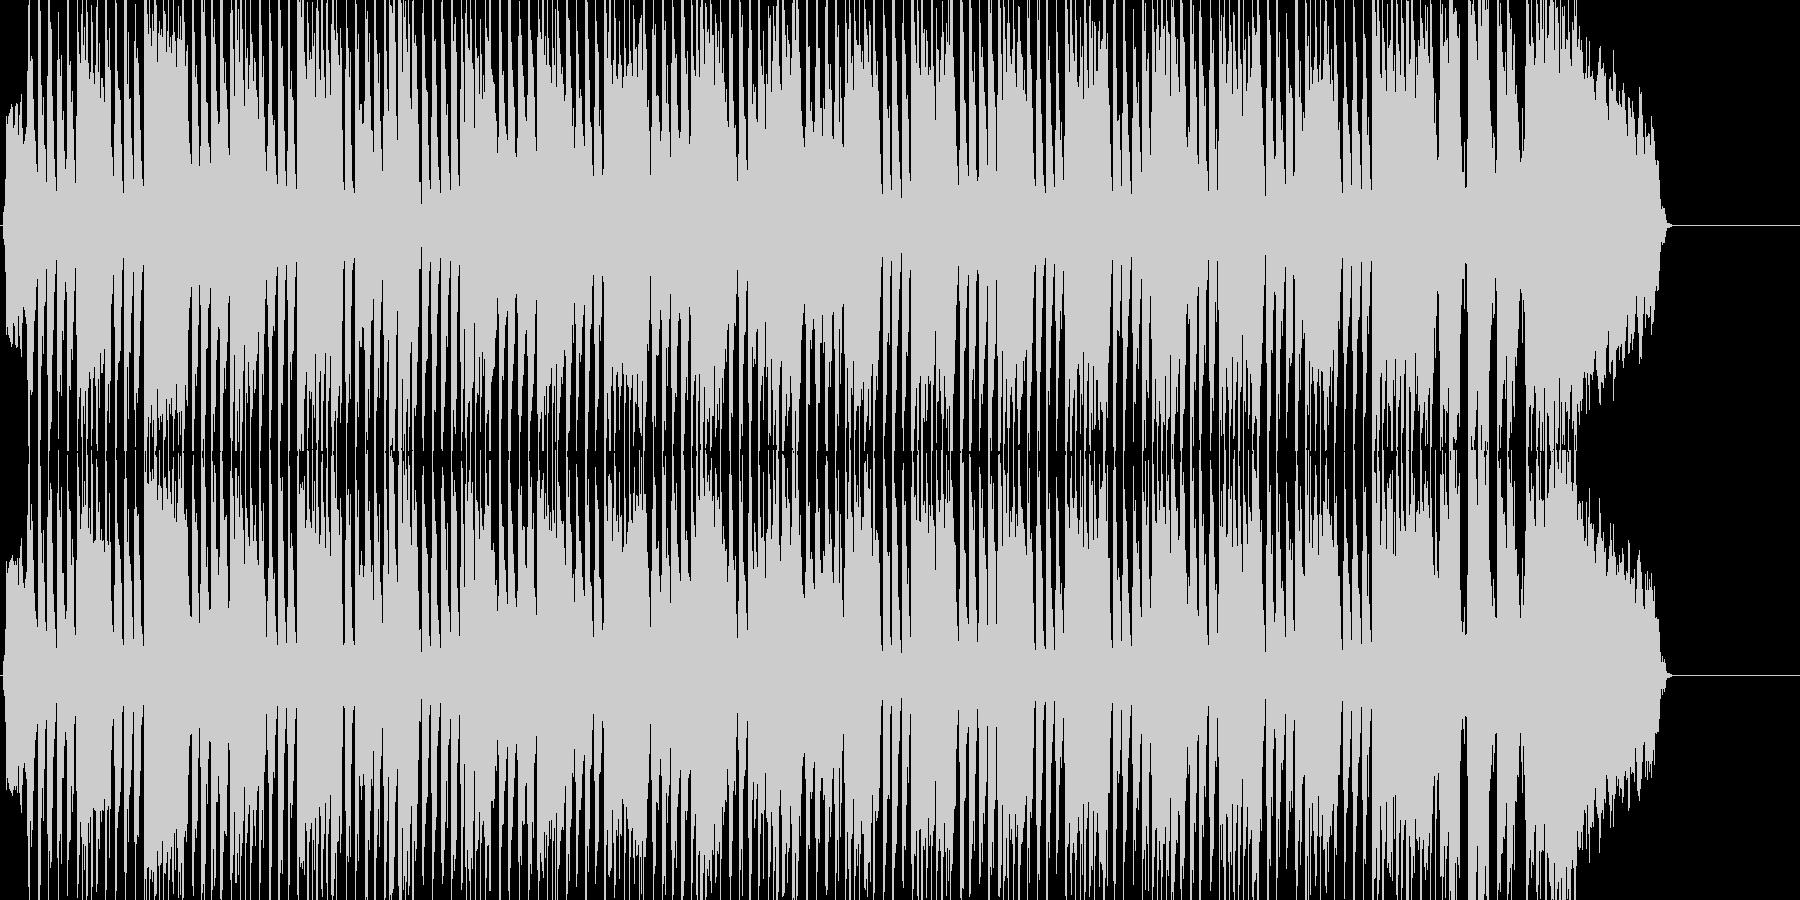 ヘビーロック 悠々 堂々 ブリティッシュの未再生の波形